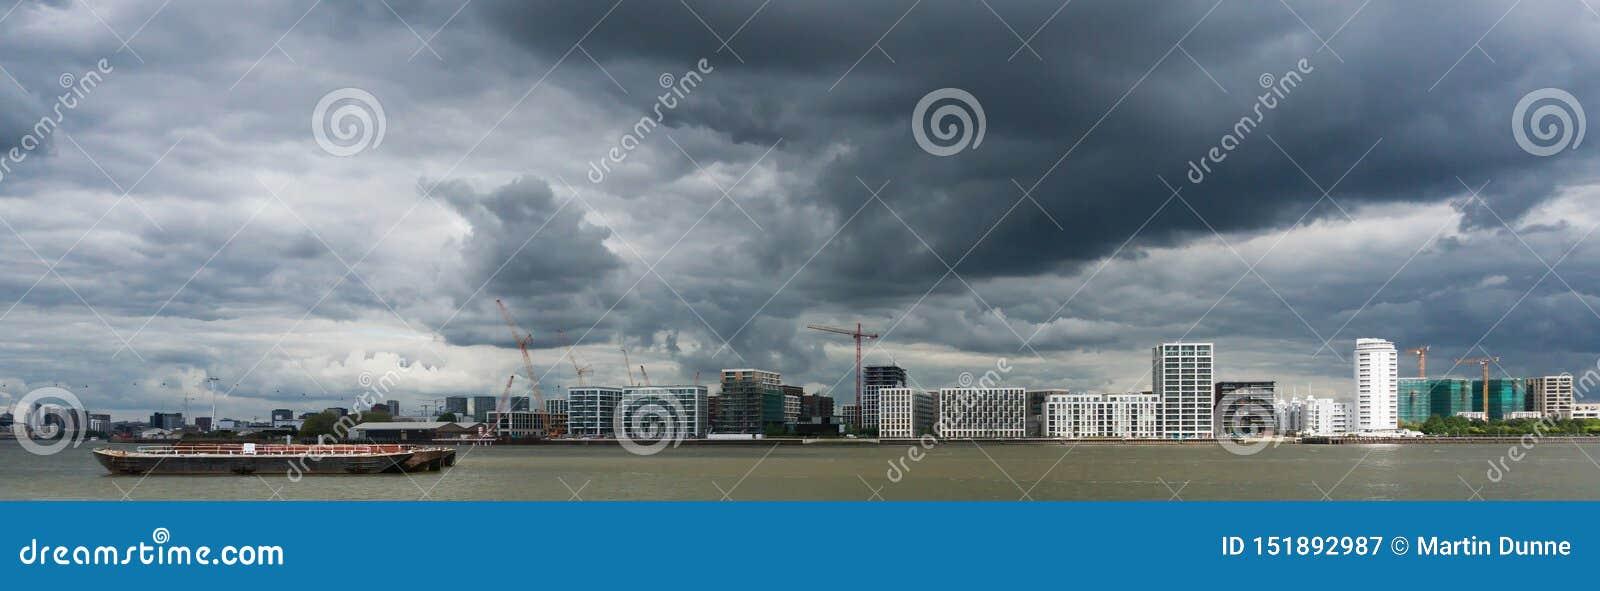 Бурное небо над рекой Темза